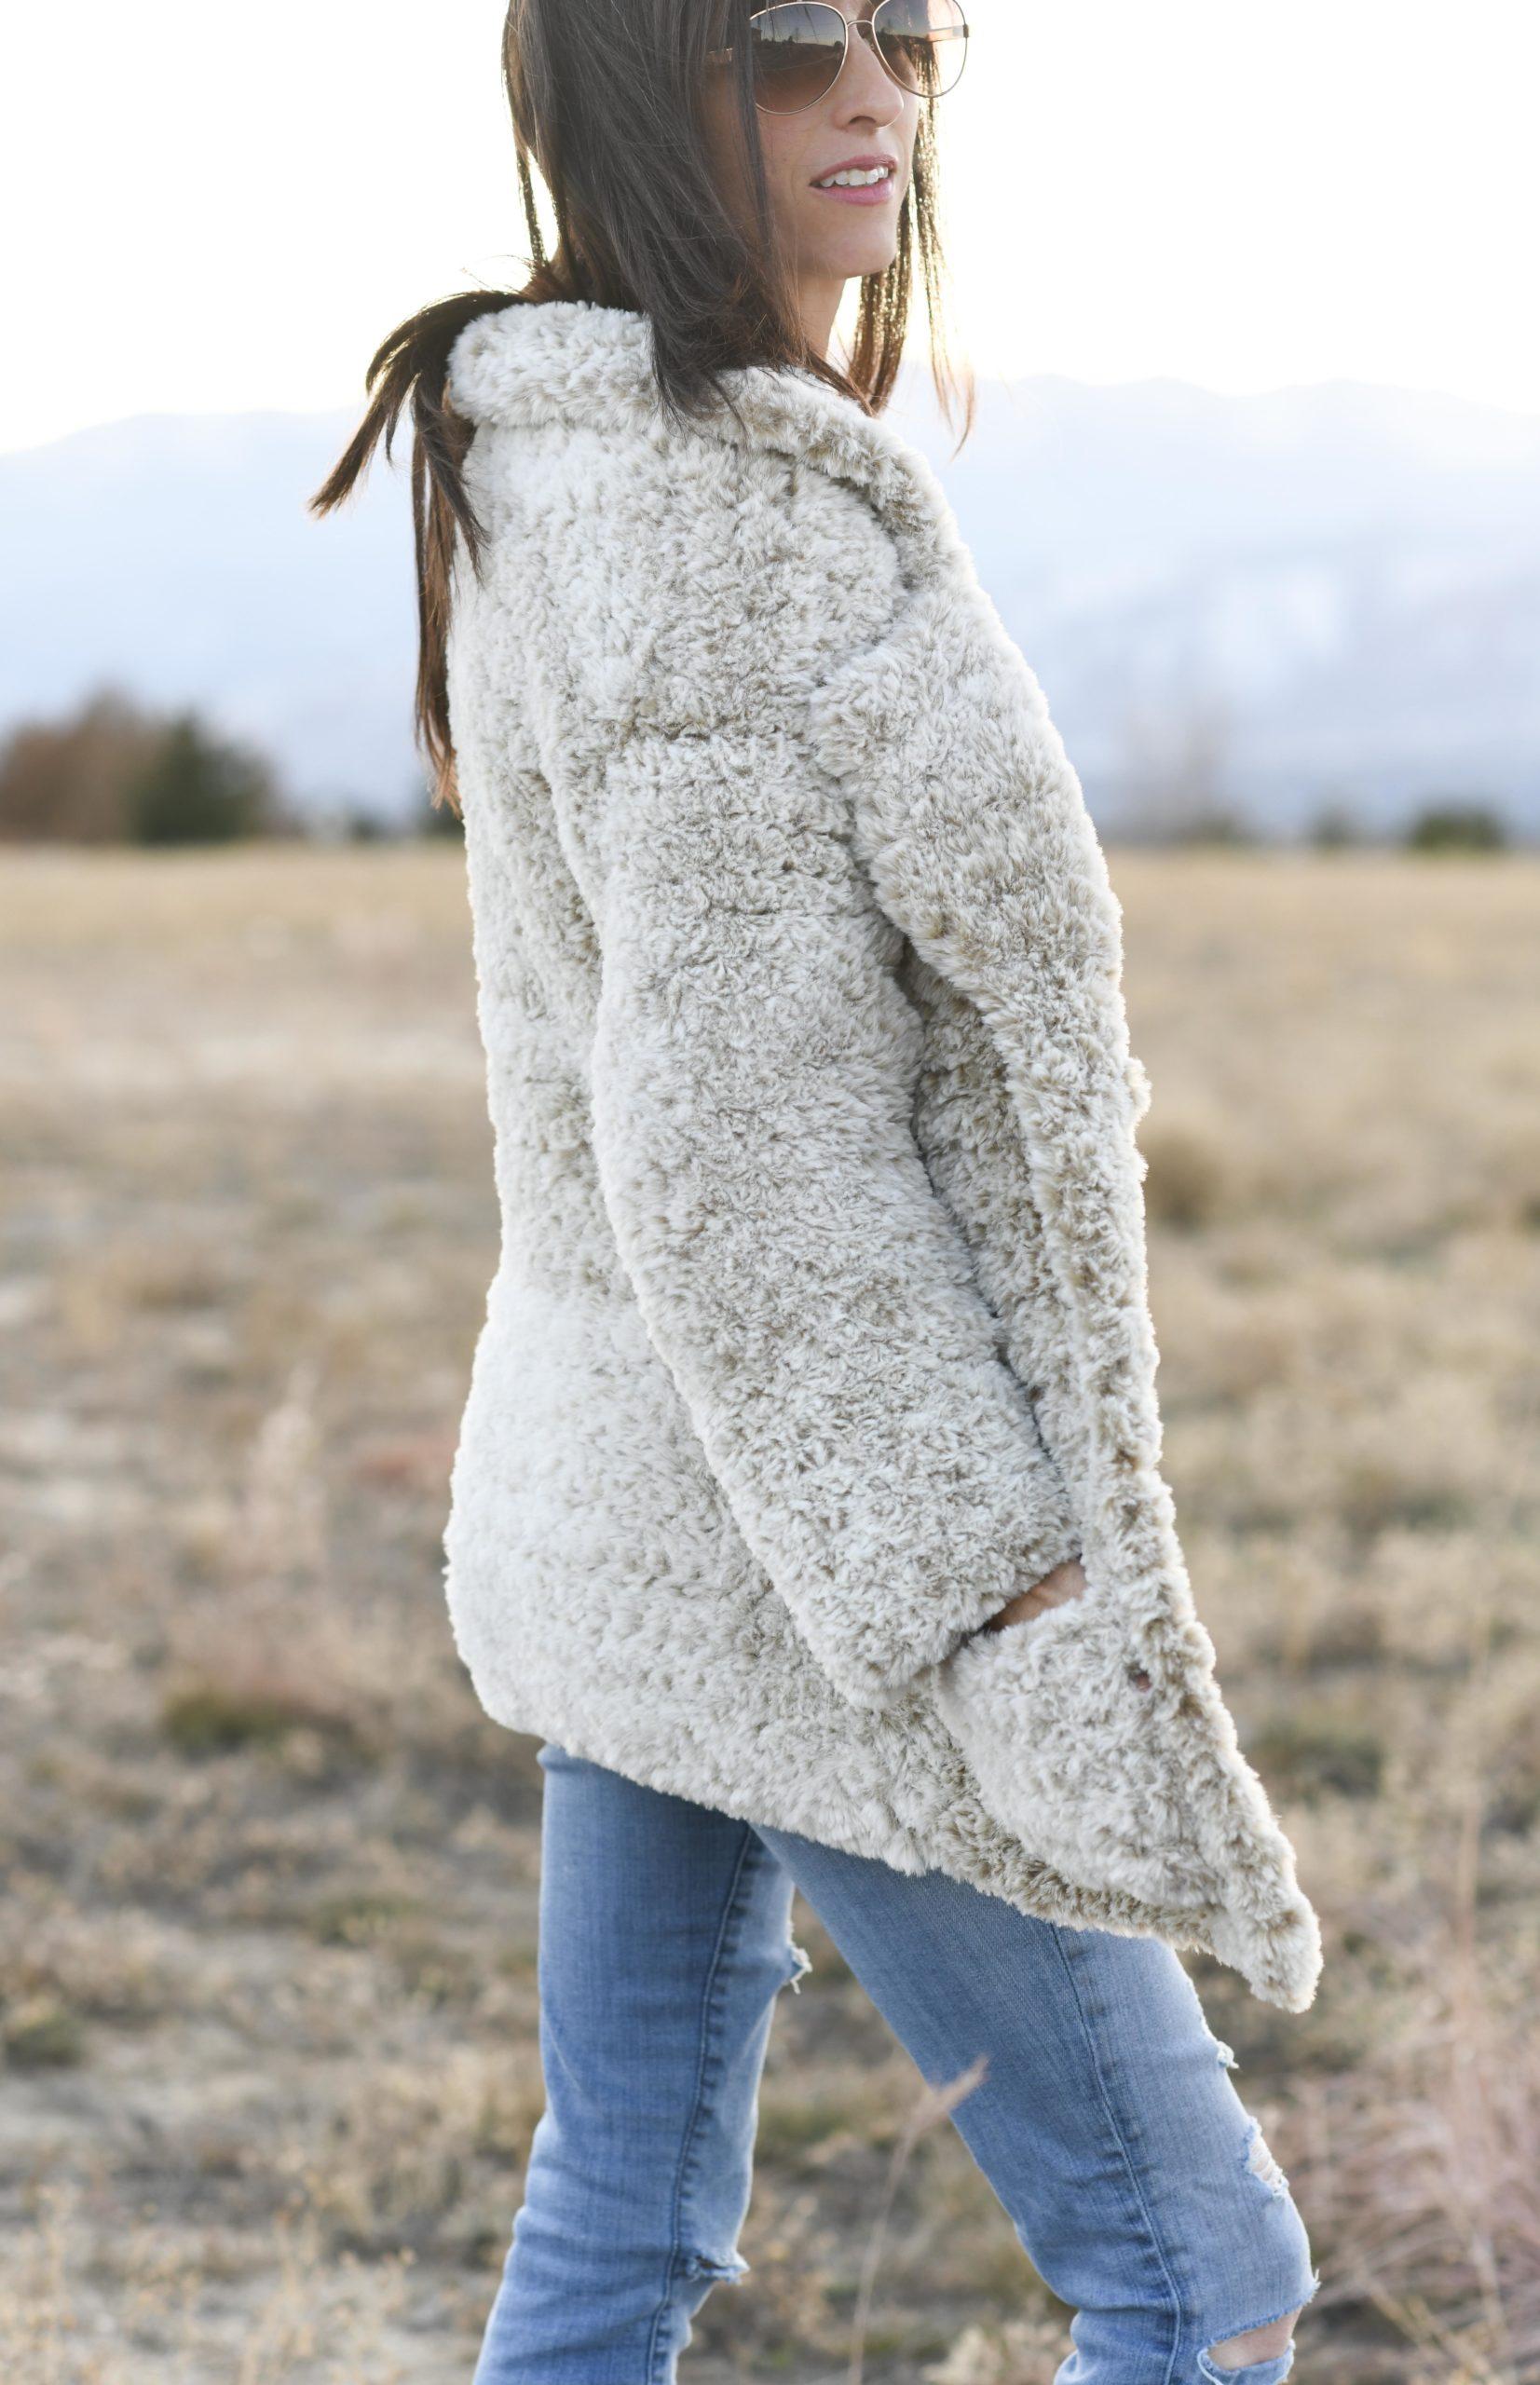 Free Crochet Pattern for an Amigurumi Teddy Bear in a Sweater ... | 2560x1653